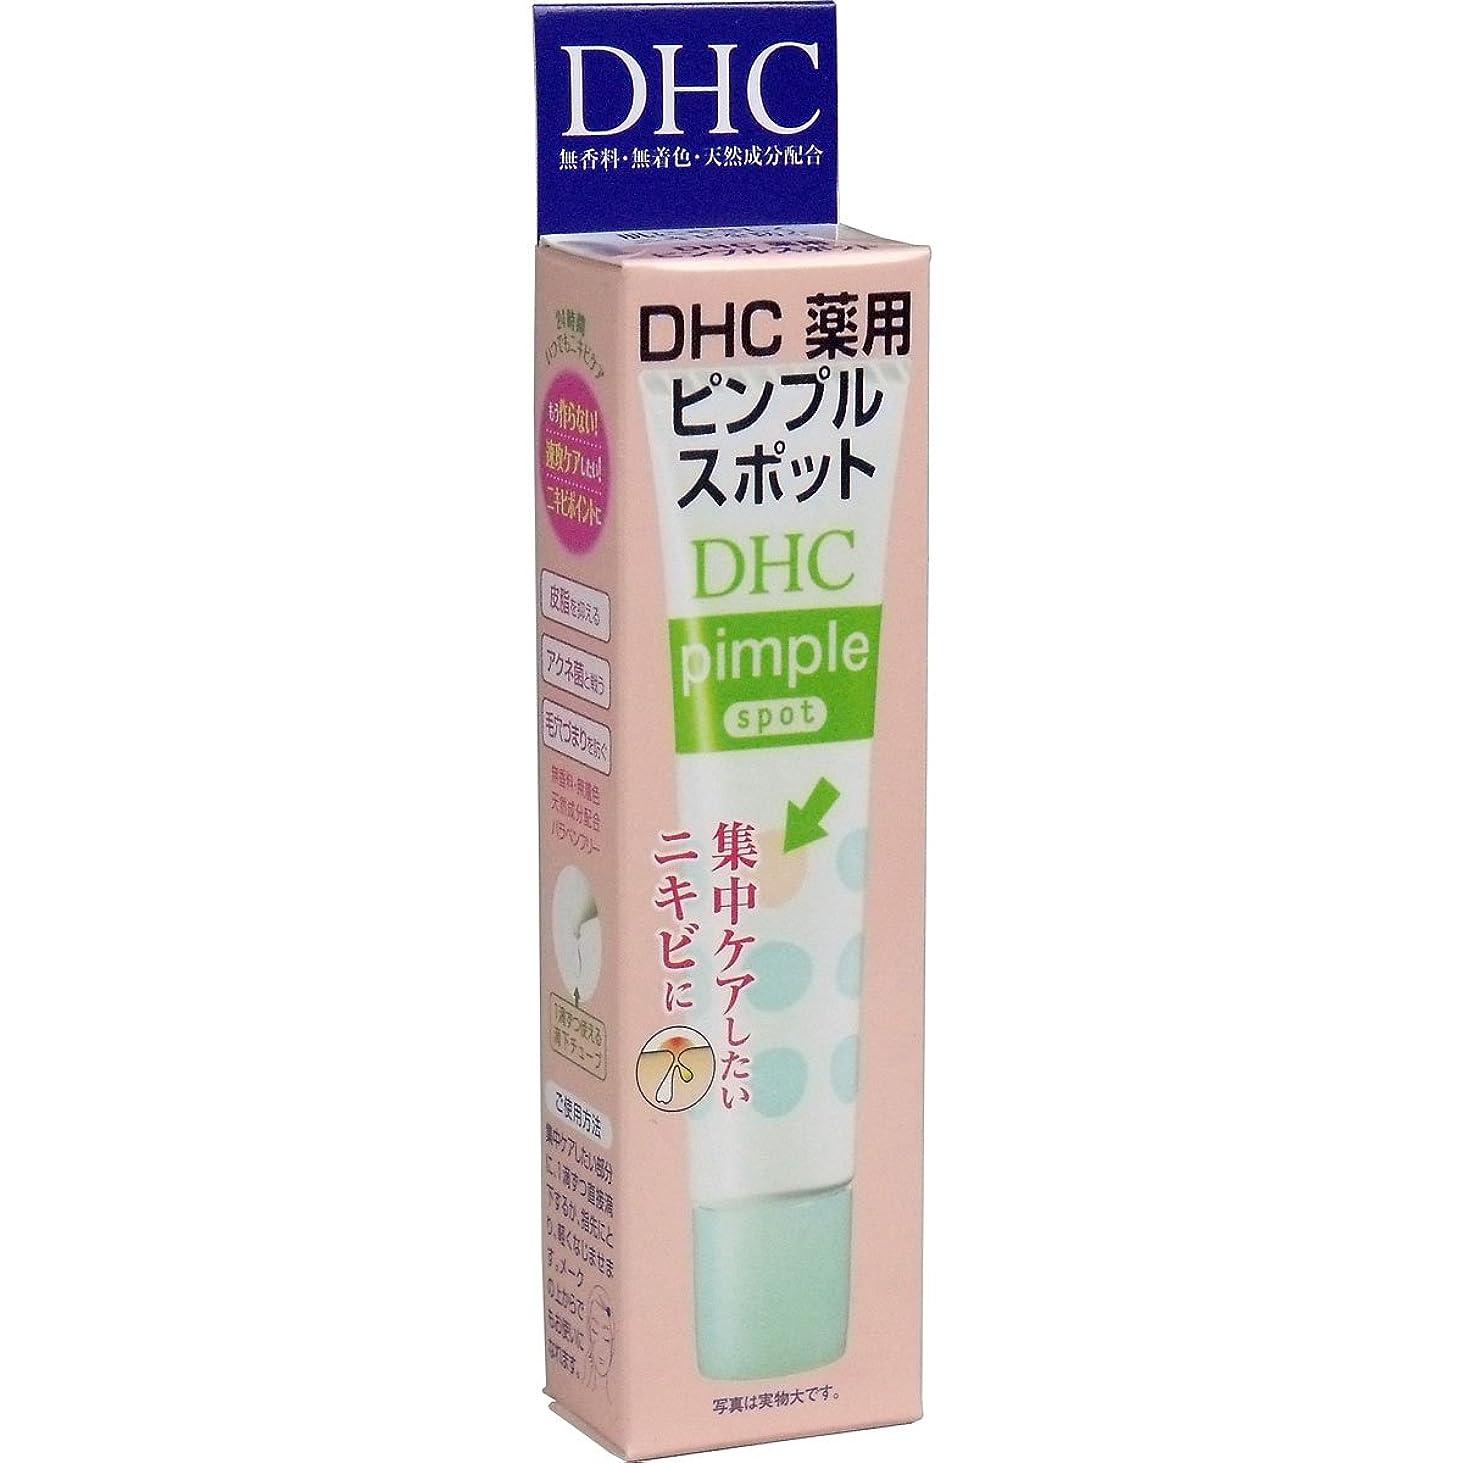 パフ依存ファイター【DHC】DHC 薬用ピンプルスポット 15ml ×5個セット